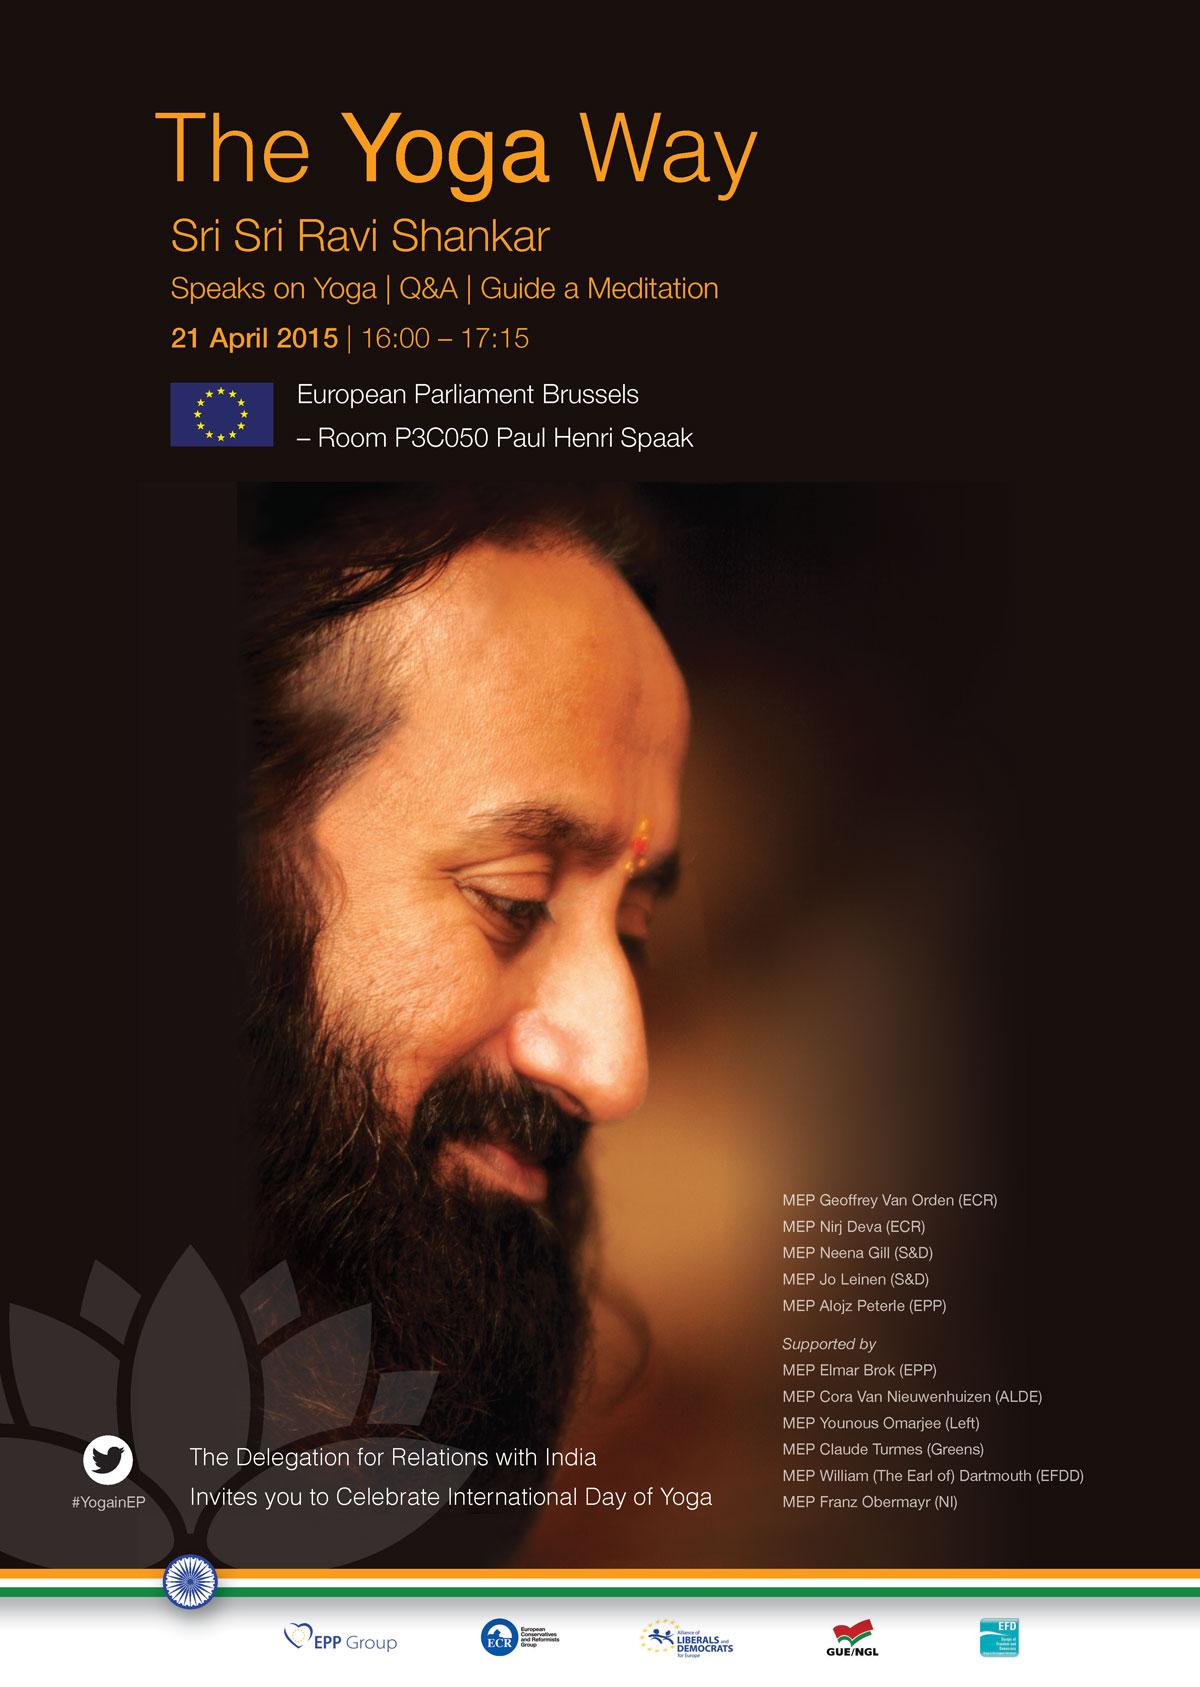 Sri Sri Ravi Shankar - Yoga Way